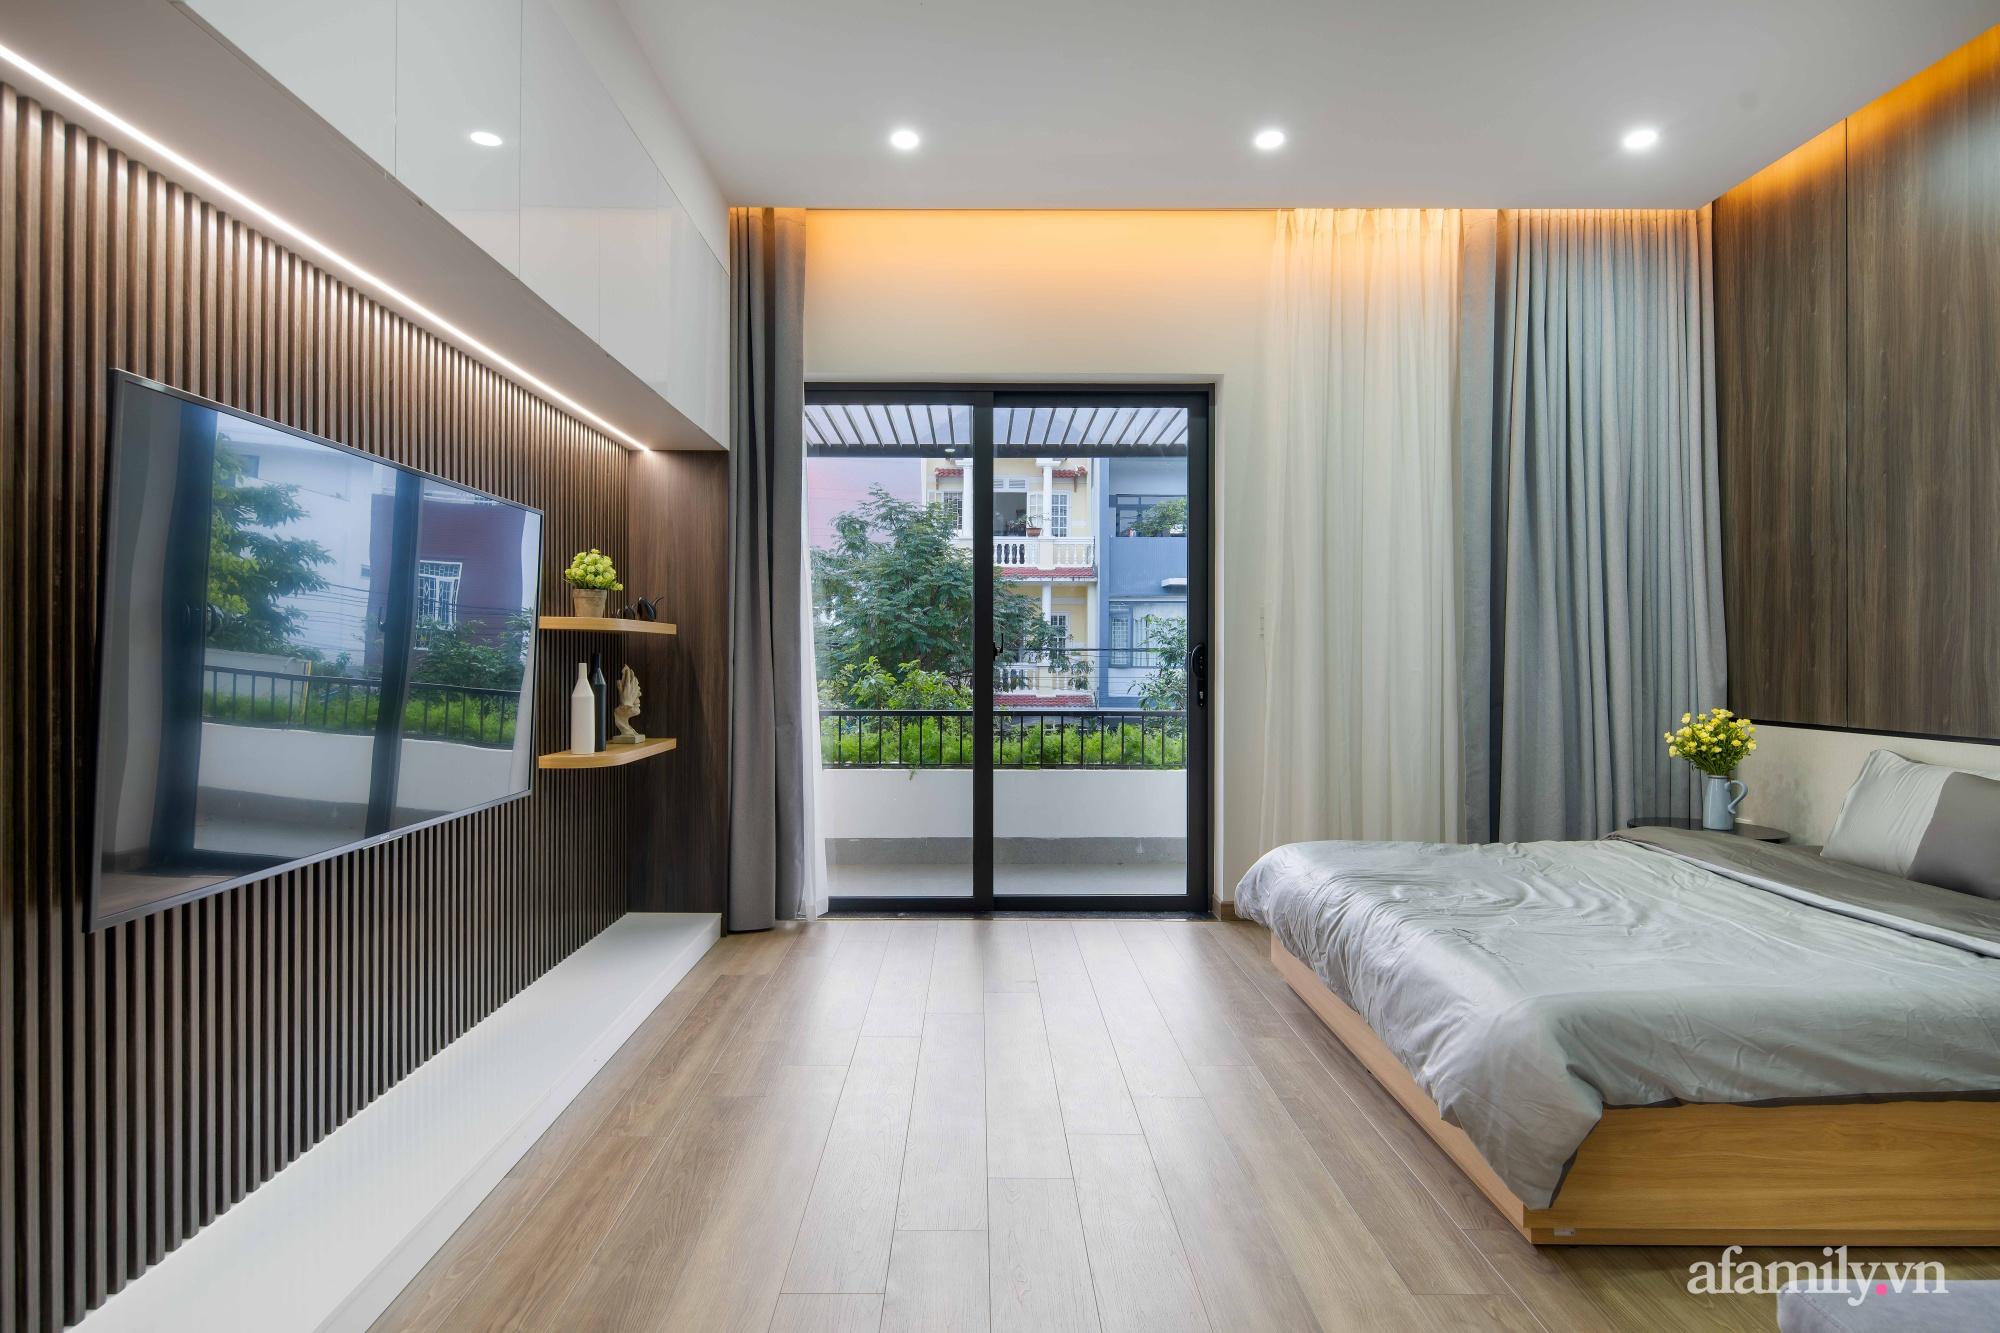 Nhà phố 3 tầng đẹp hiện đại với phong cách tối giản ngập tràn ánh sáng và cây xanh ở Đà Nẵng - Ảnh 14.